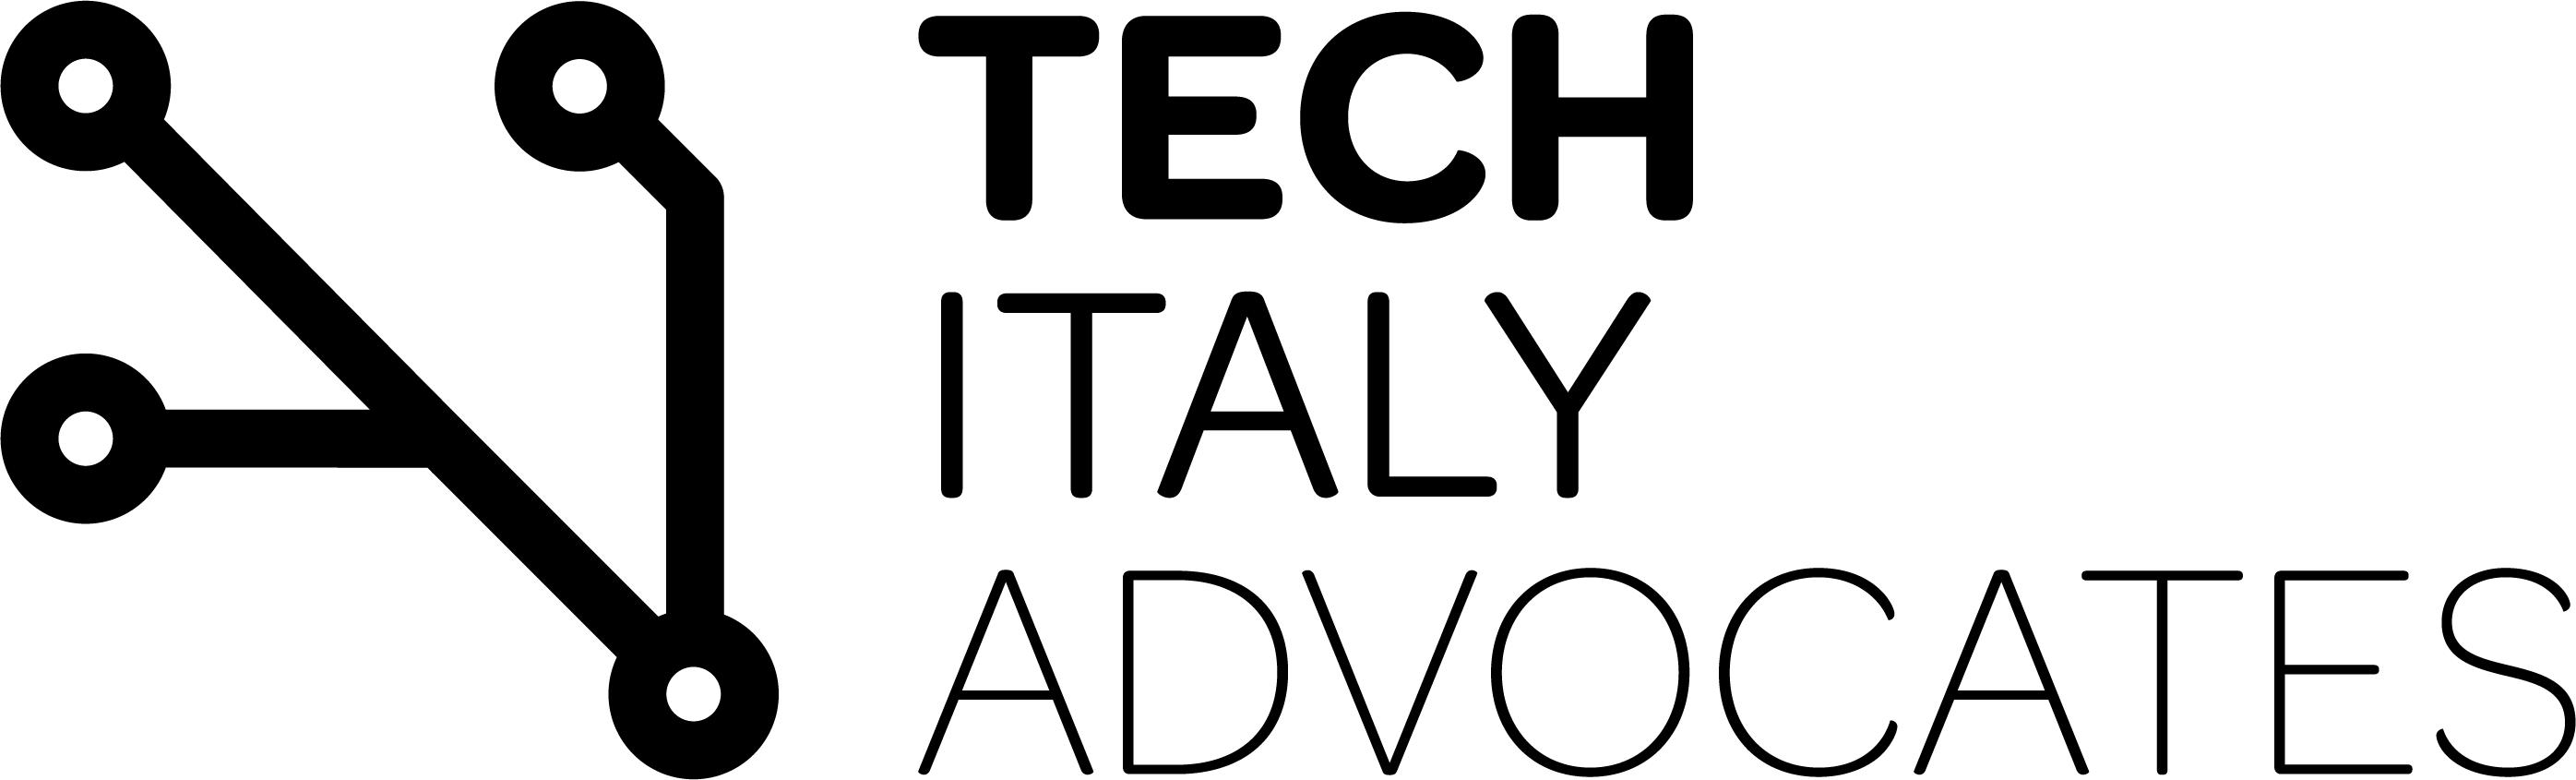 Tech Italy Advocates